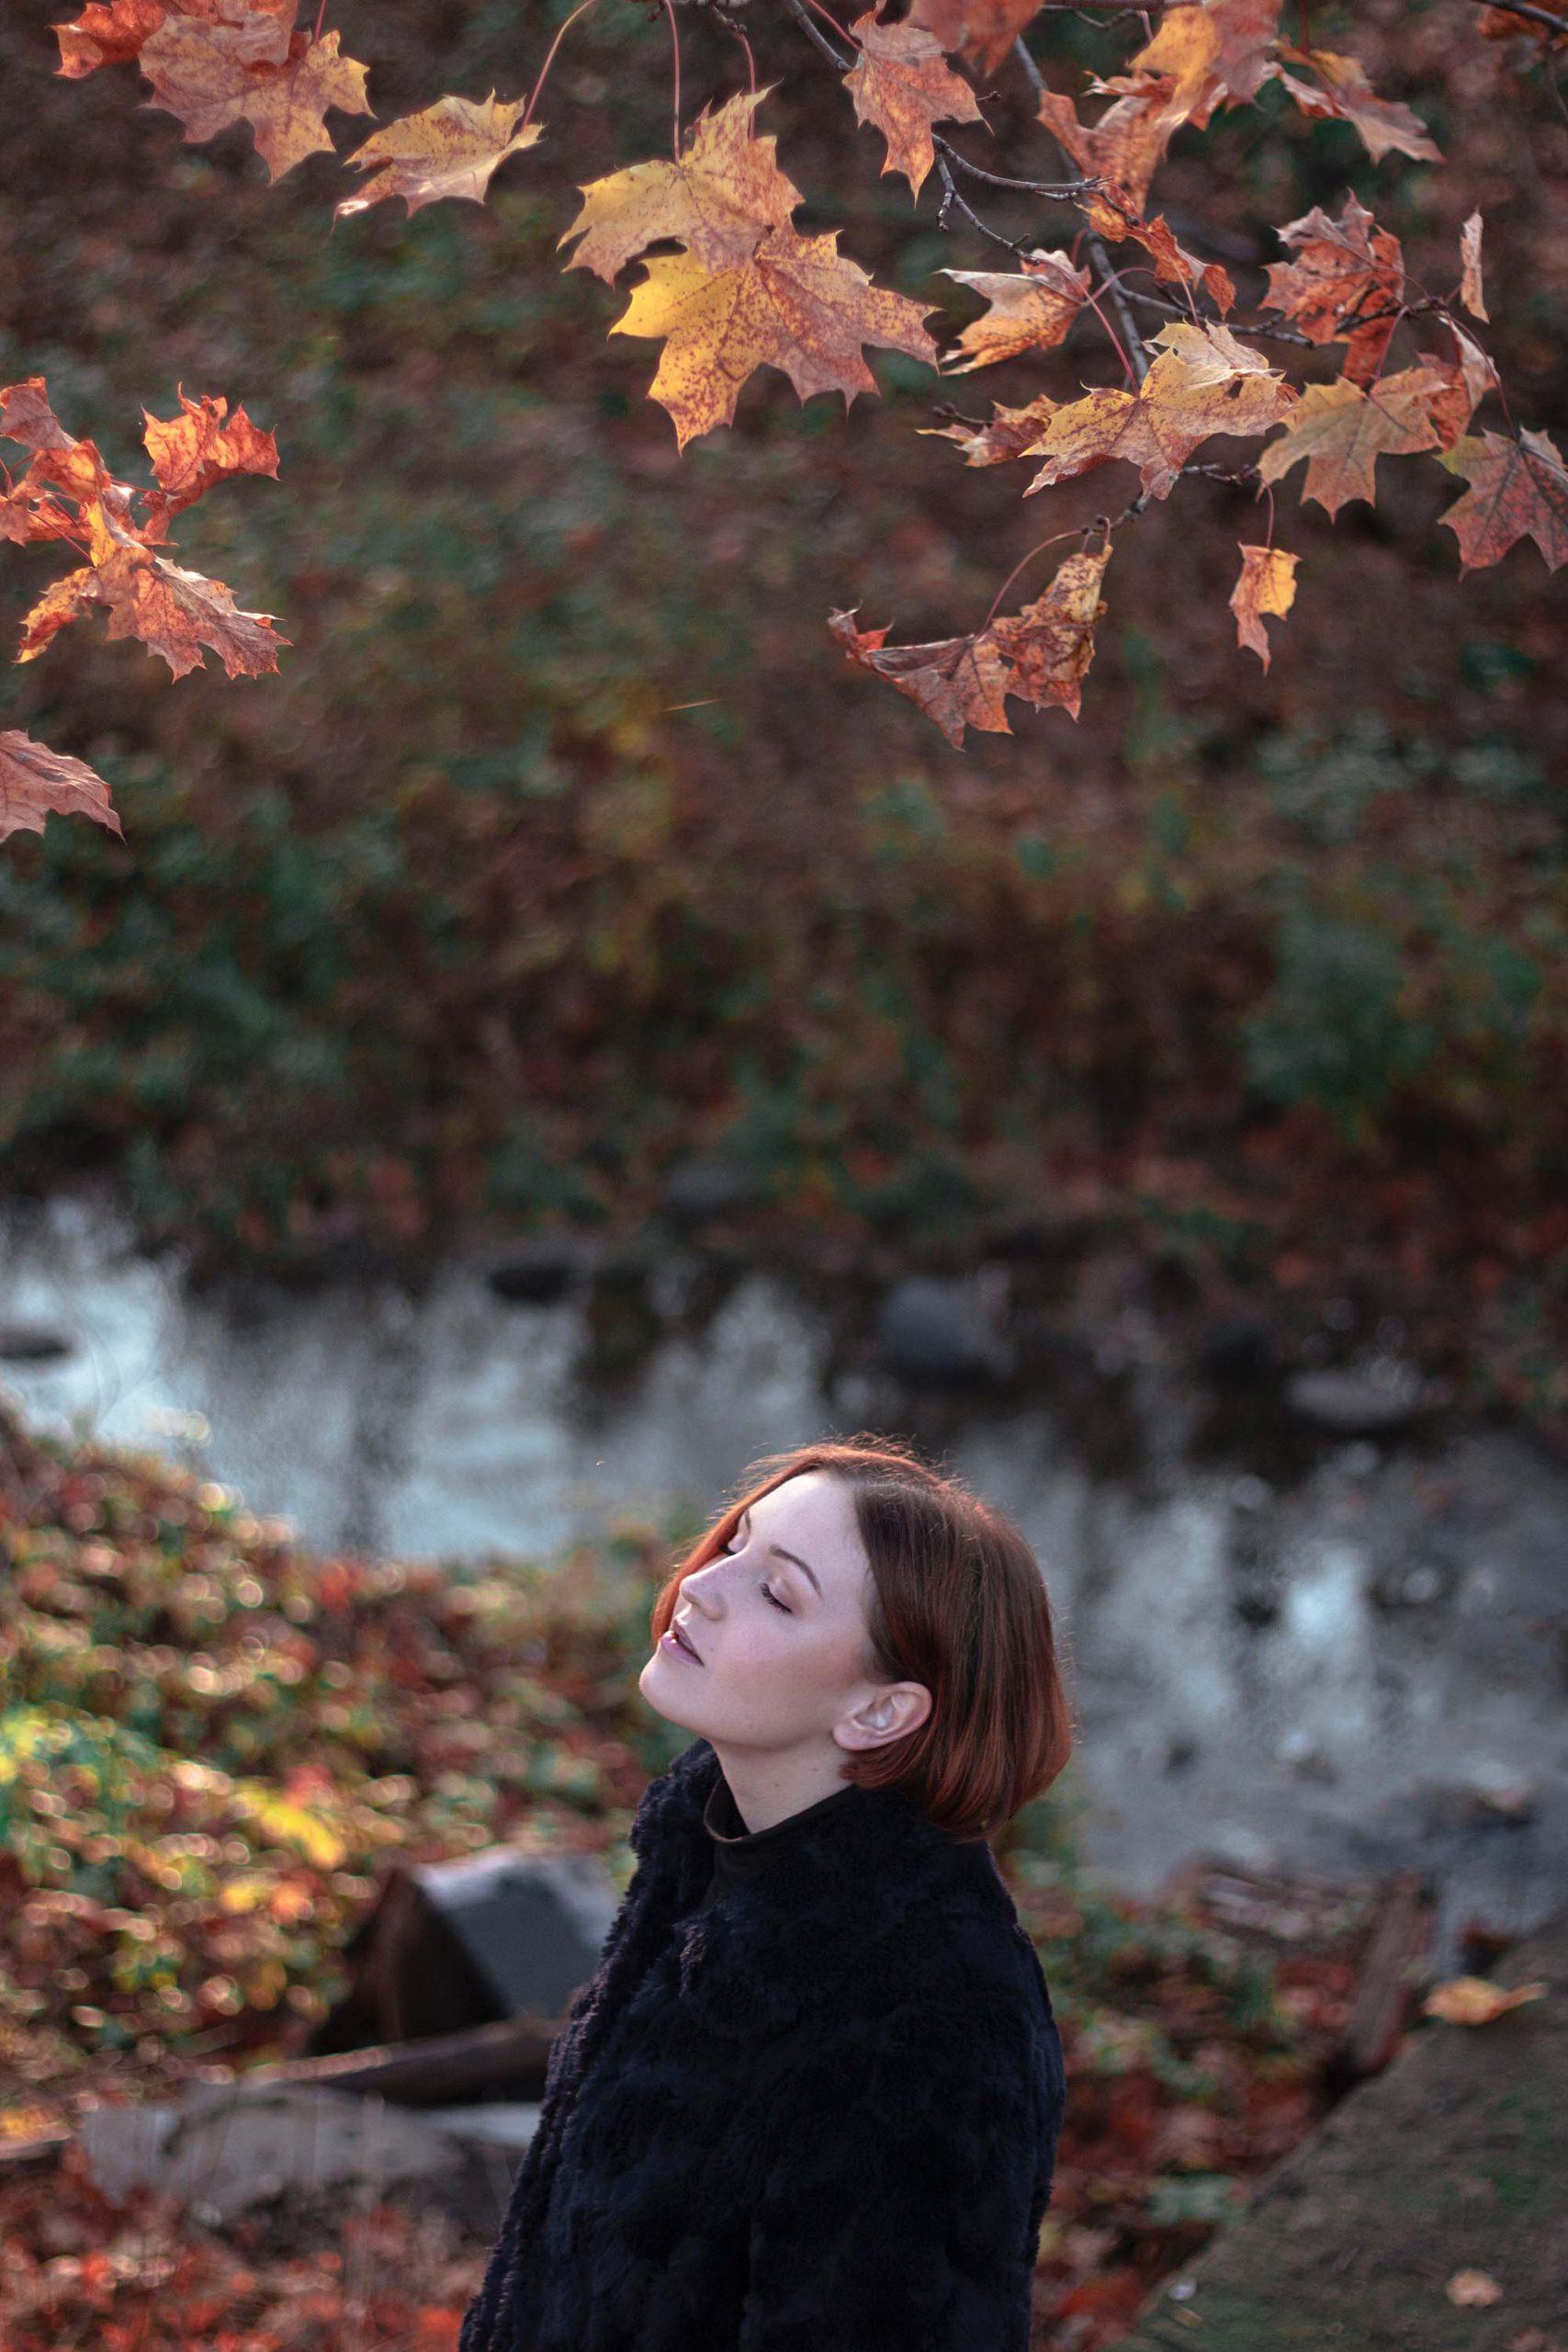 Cô gái biết ơn những gì mình đang có để thu hút điều tích cực vào cuộc sống